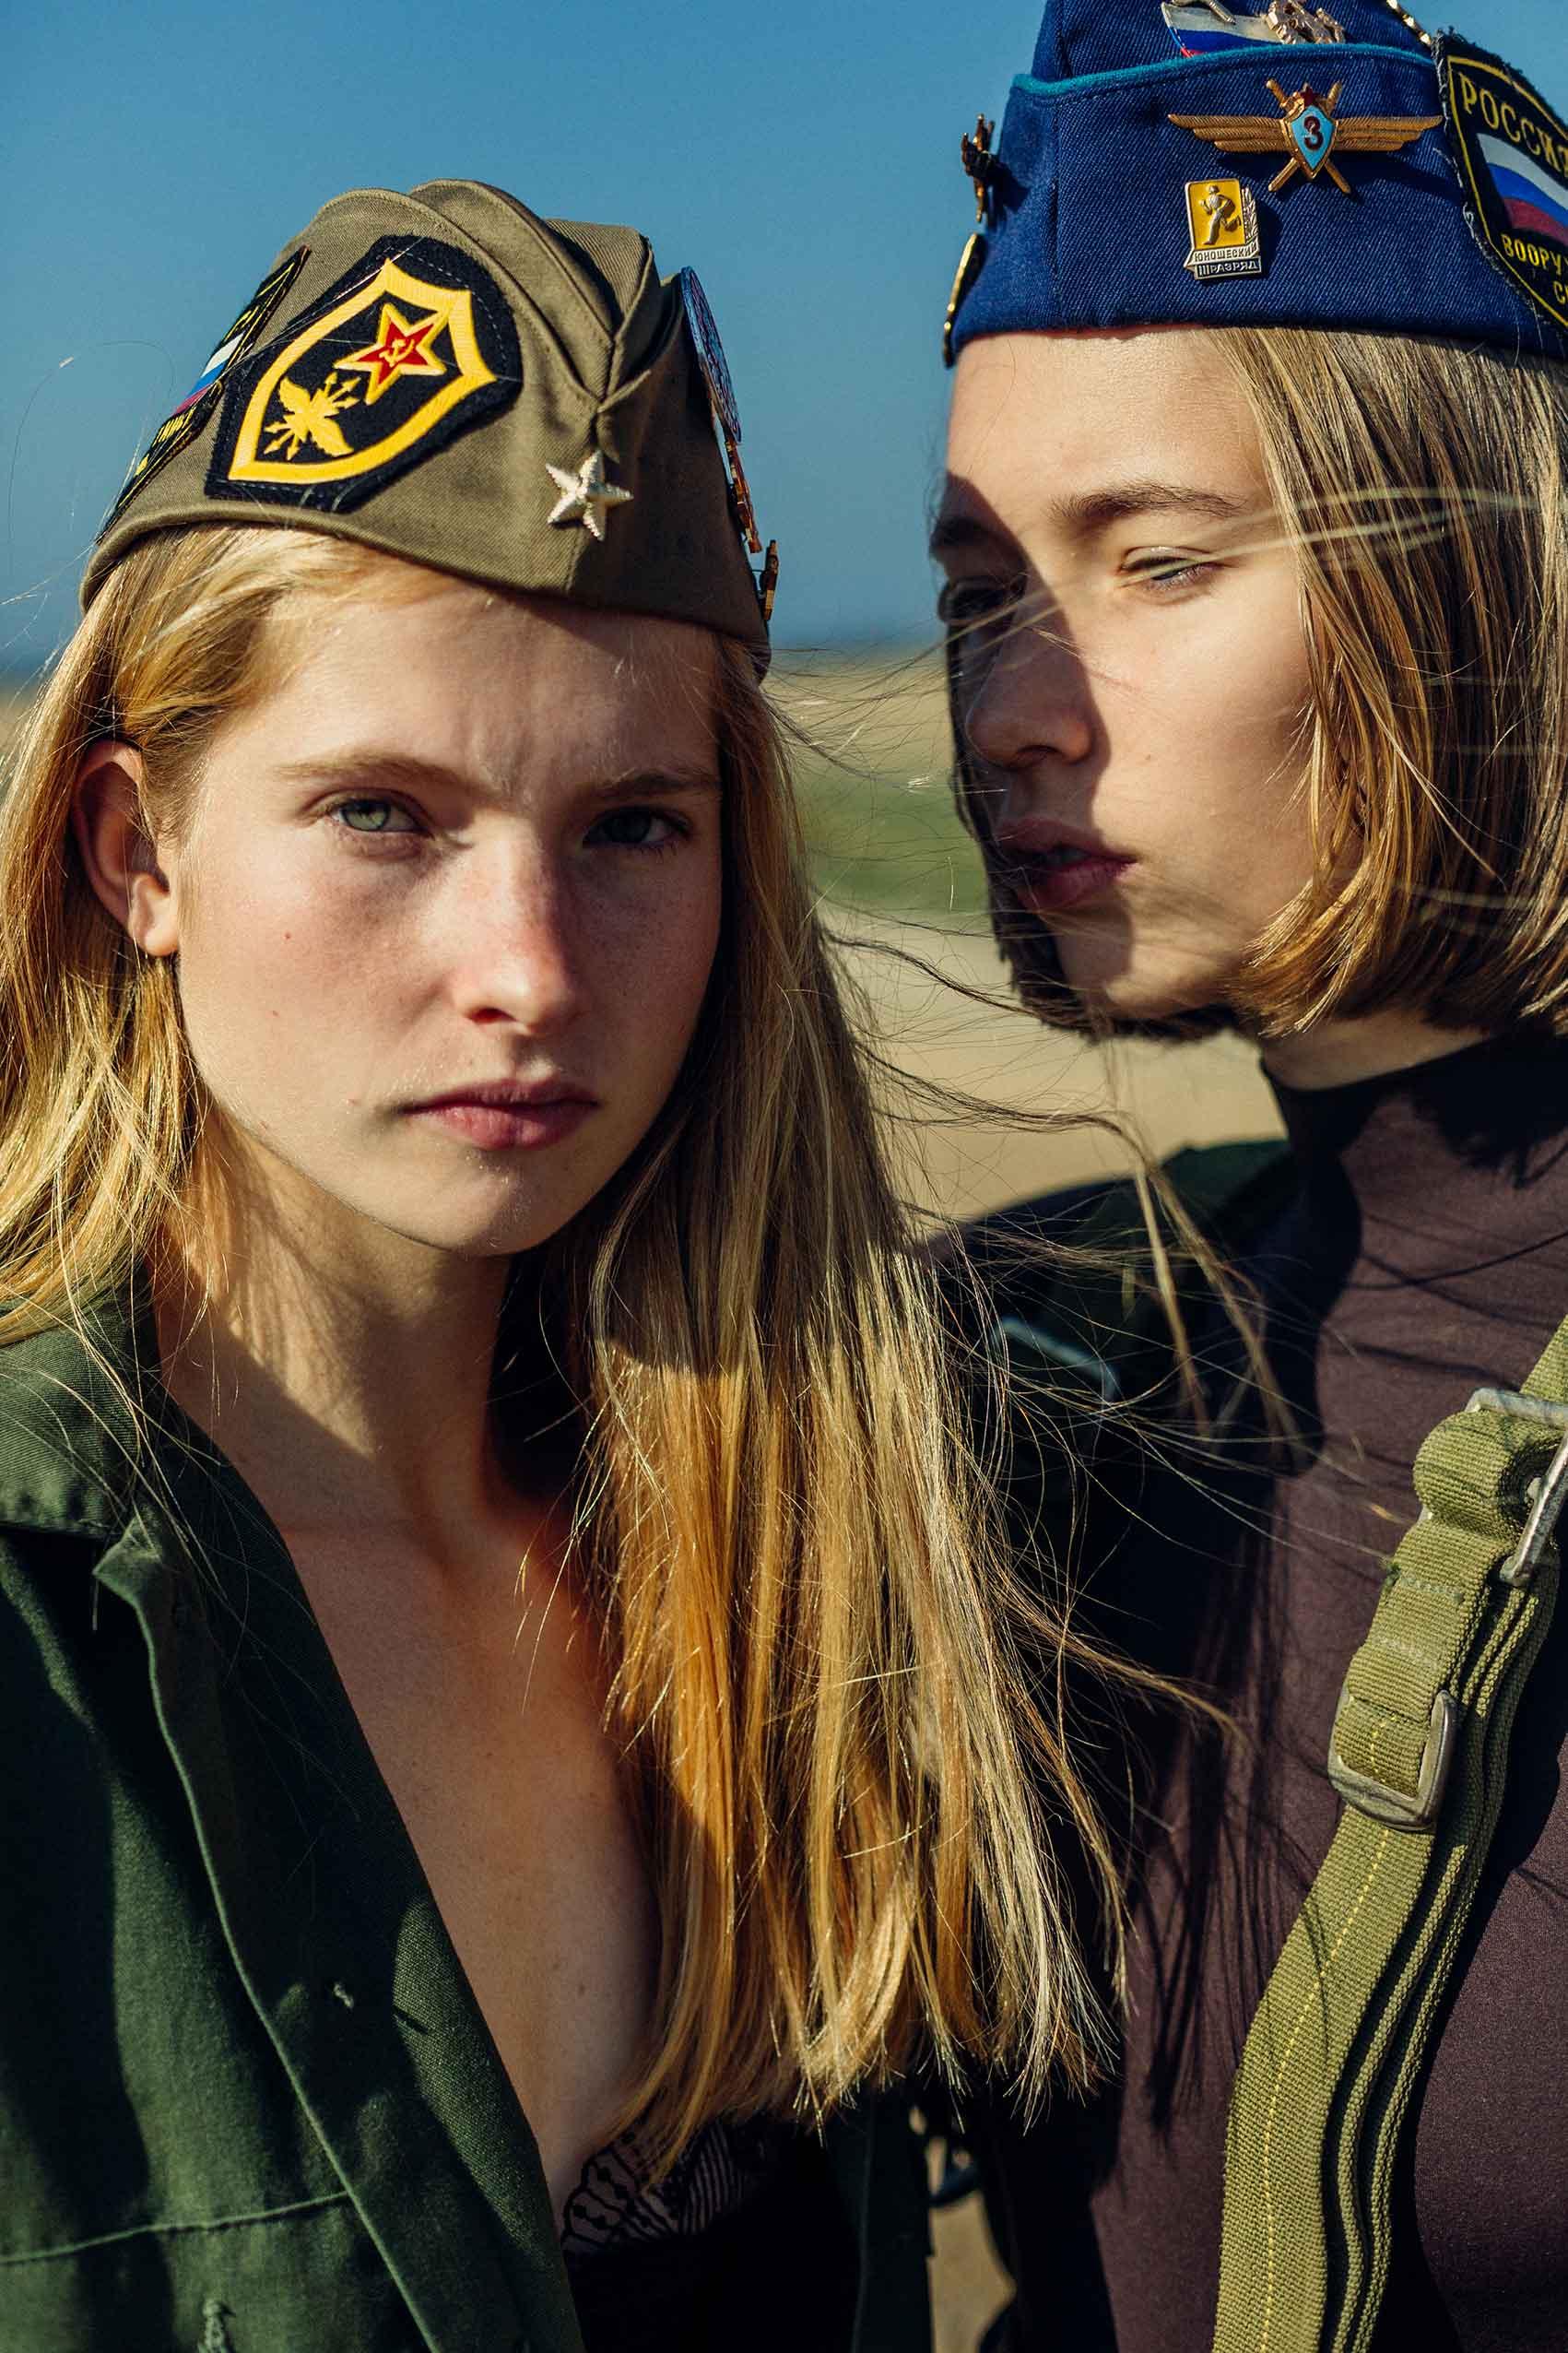 הפקות אופנה-מגזין אופנה-ישראלי